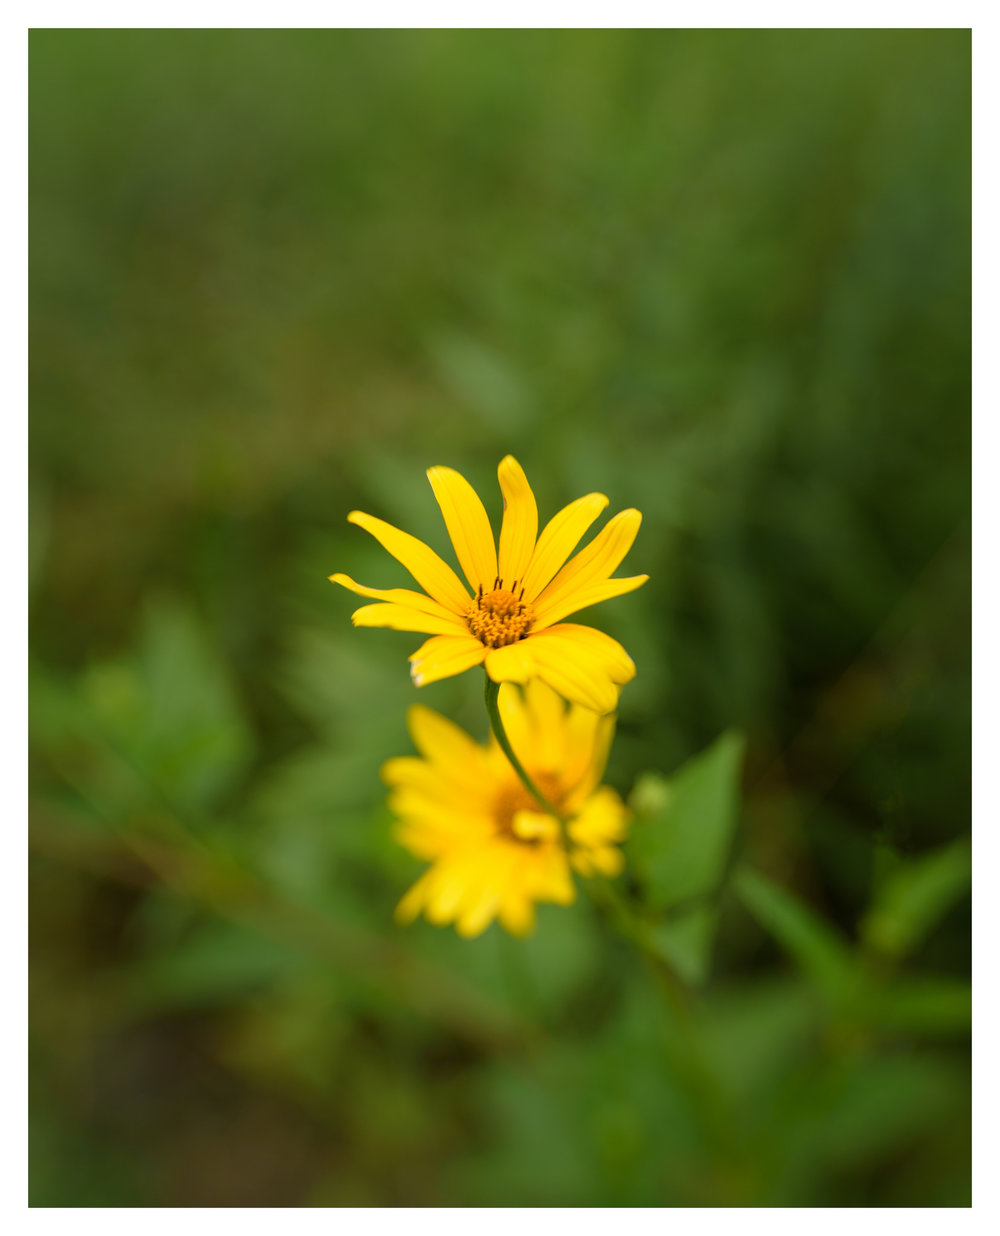 Unknown Flower at Cox Arboretum - Nikon D750 w/Lensbaby Sol 45 lens